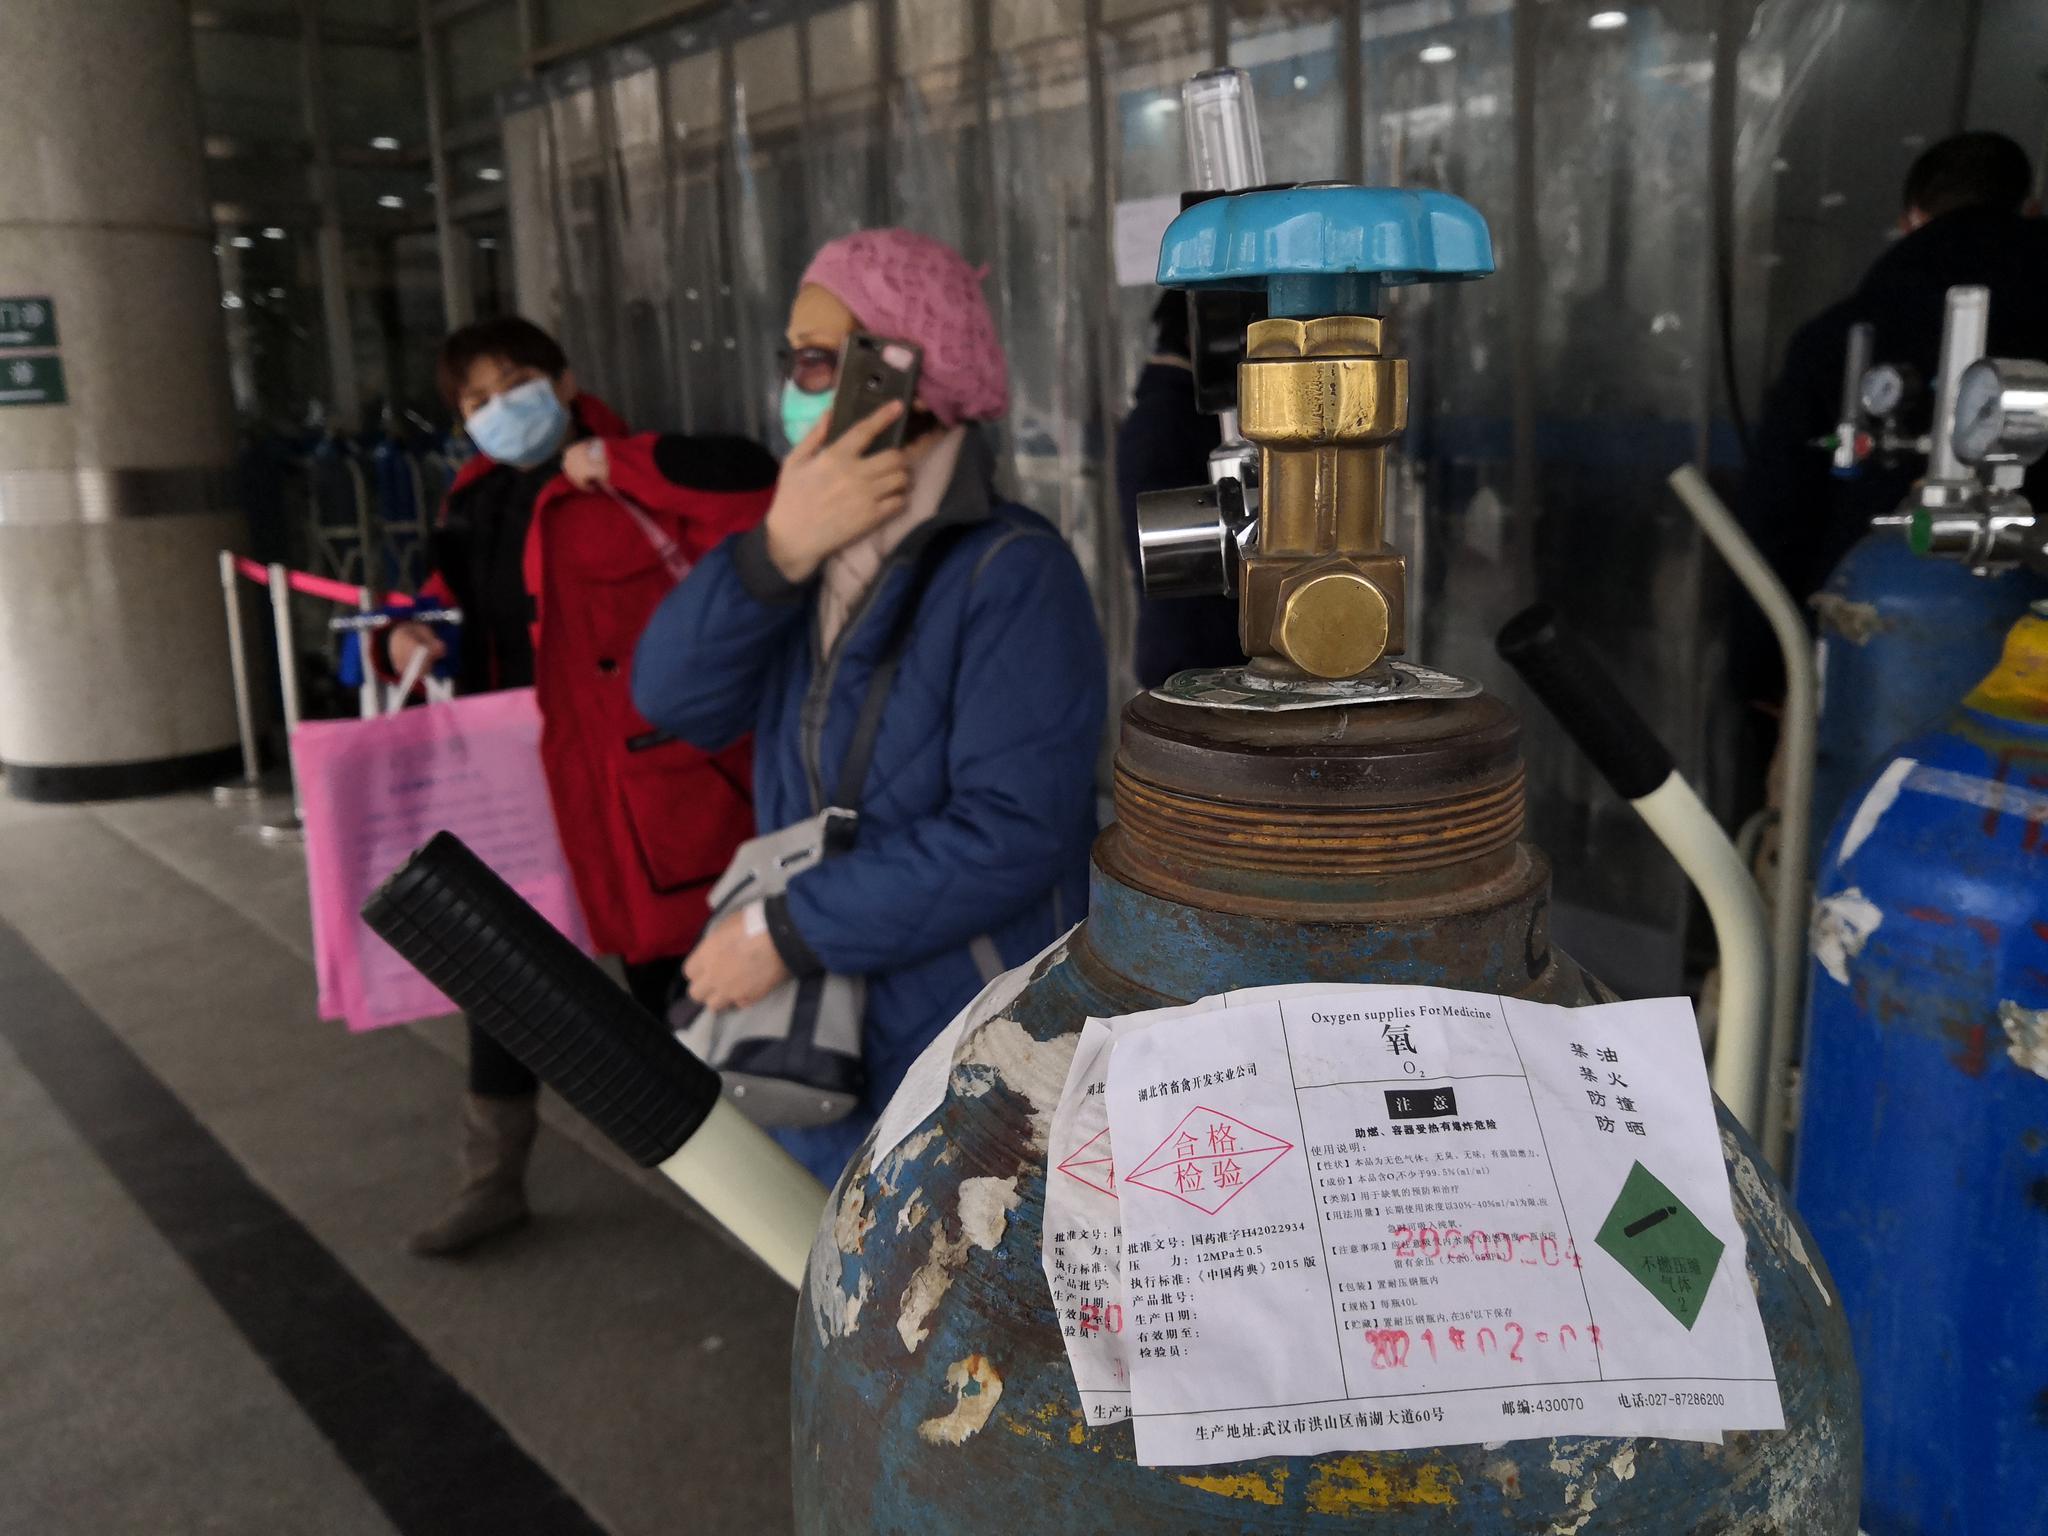 猿辅导公司向武汉捐款1000万用于抗击新型肺炎疫